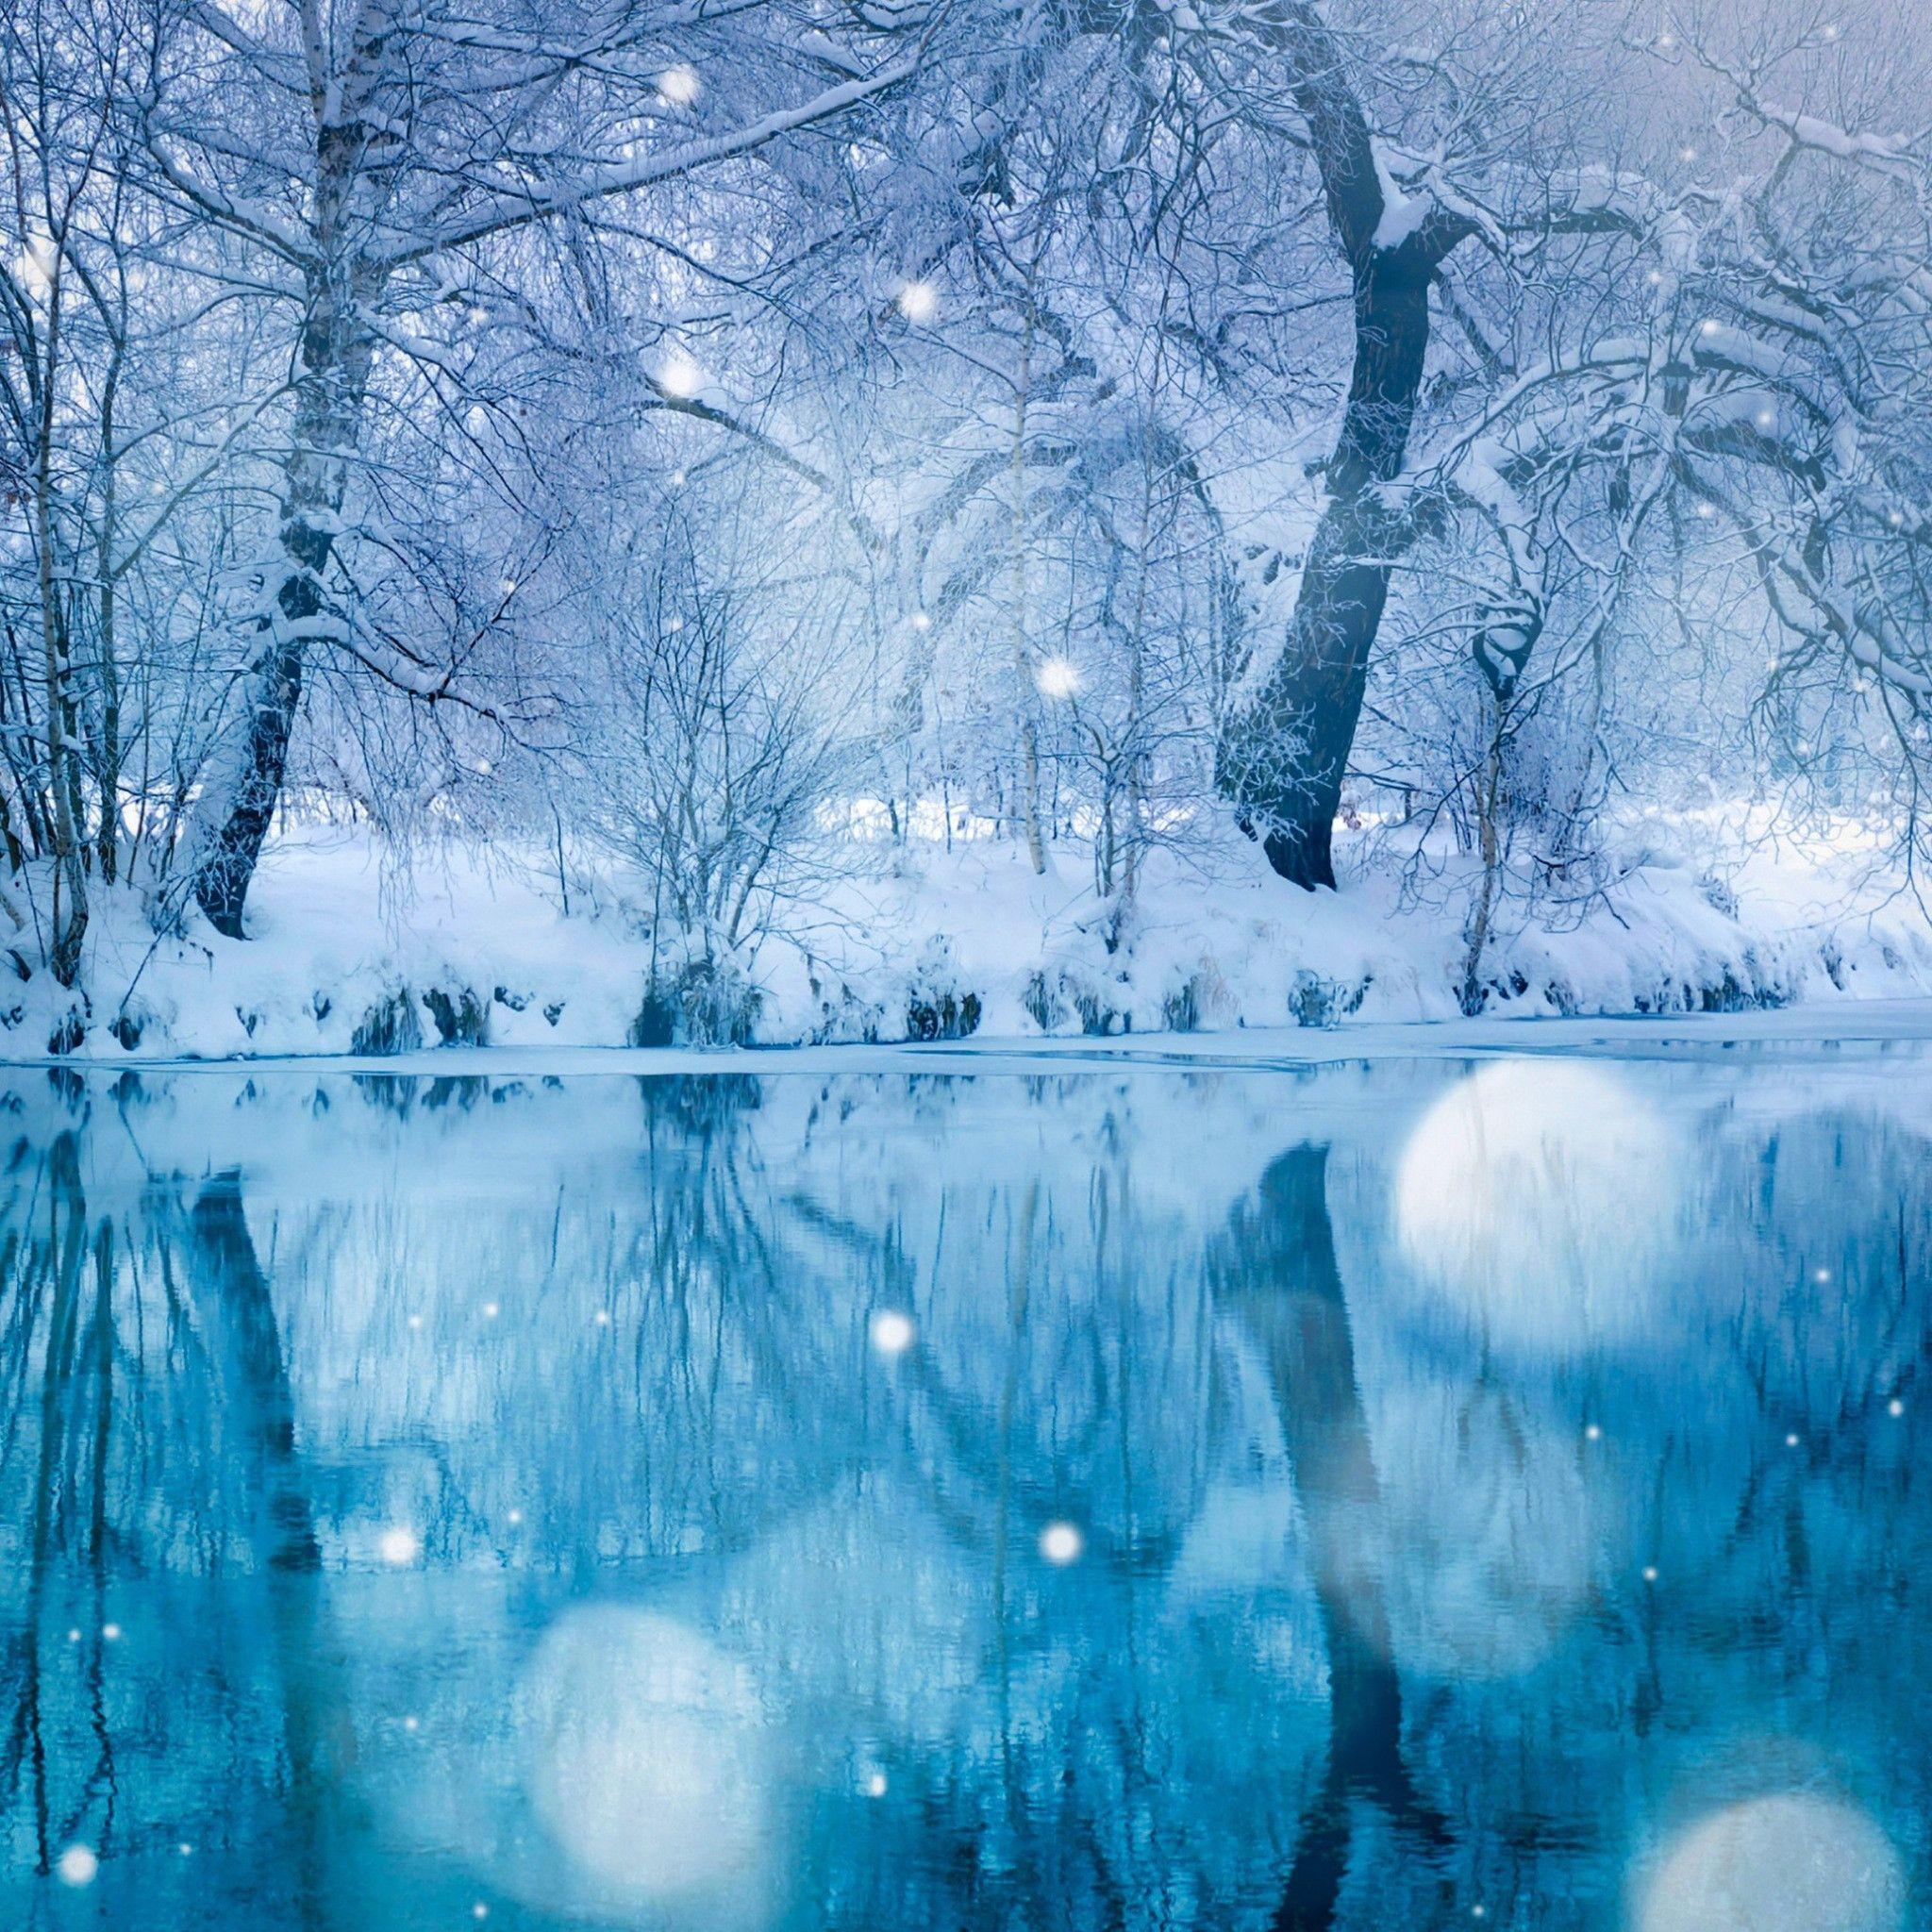 【アニメオタク】冬アニメ勝手な所感 「無職転生」、そしてダークホースの「ワンエグ